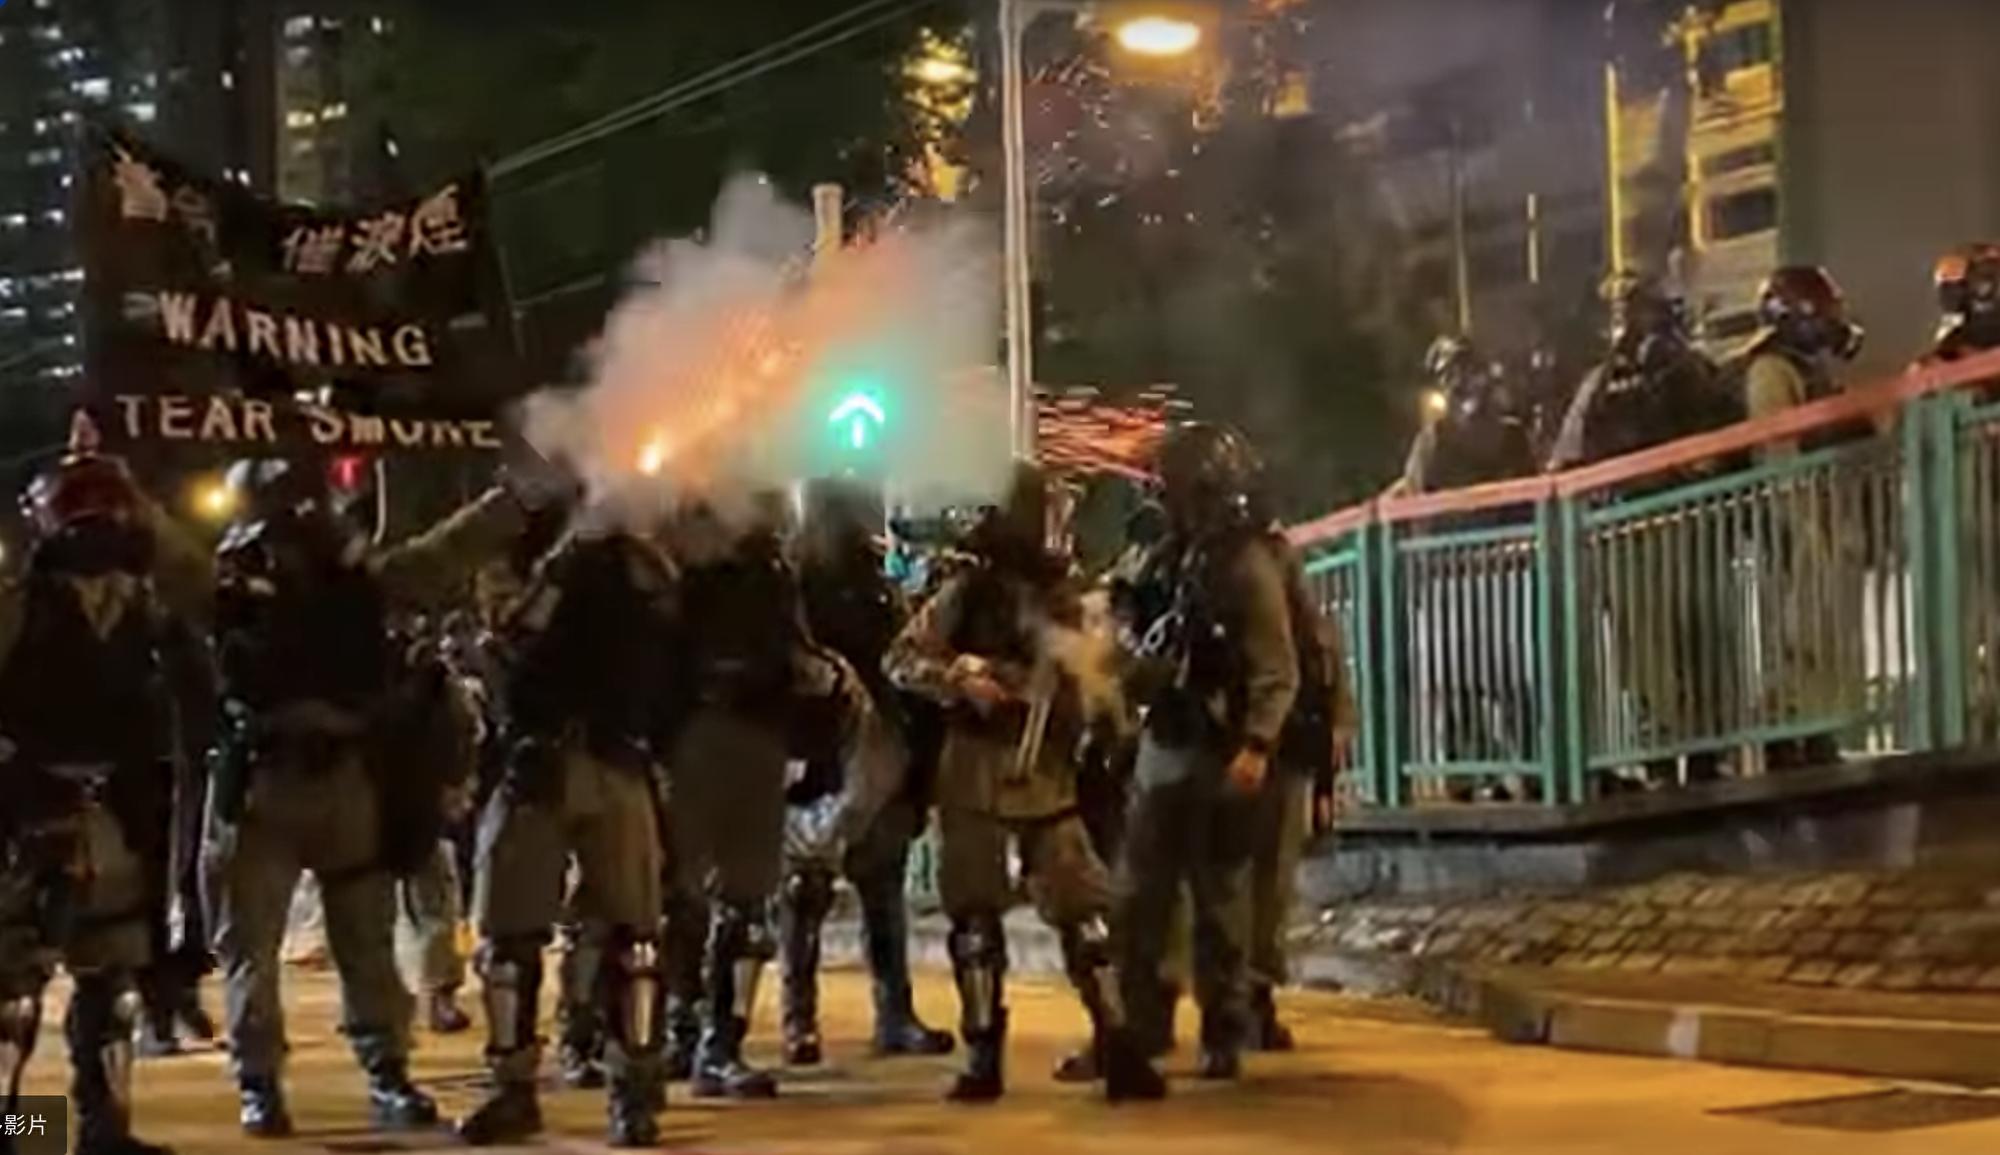 2019年10月21日,元朗事件三個月,警察舉黑旗發射催淚彈。(駱亞/大紀元)